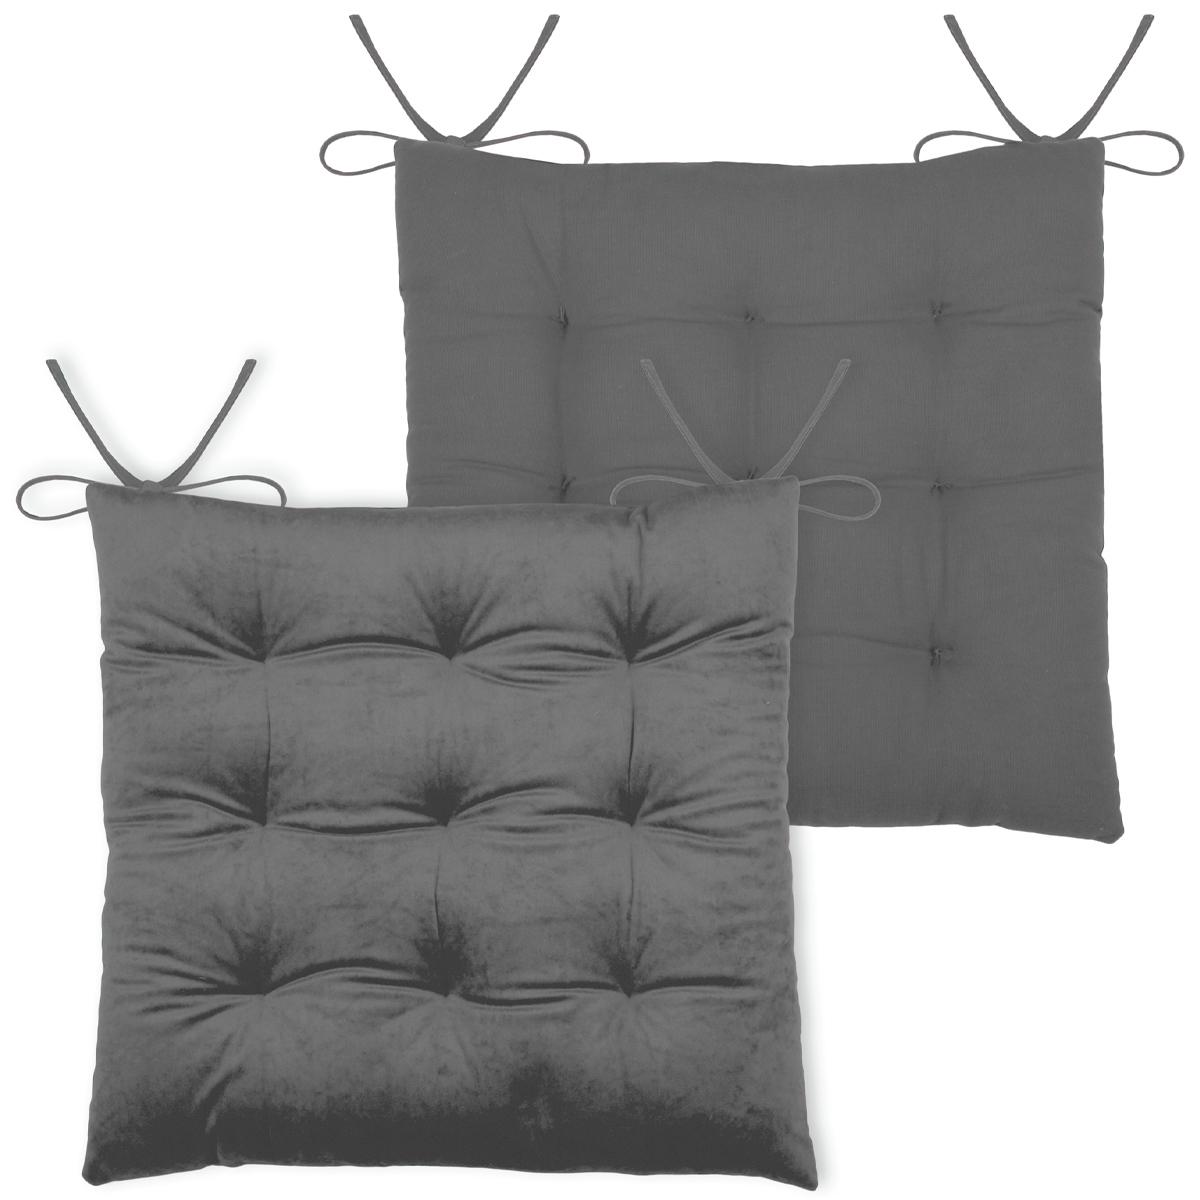 Galette de chaise unie en velours - Gris - 38 x 38 cm